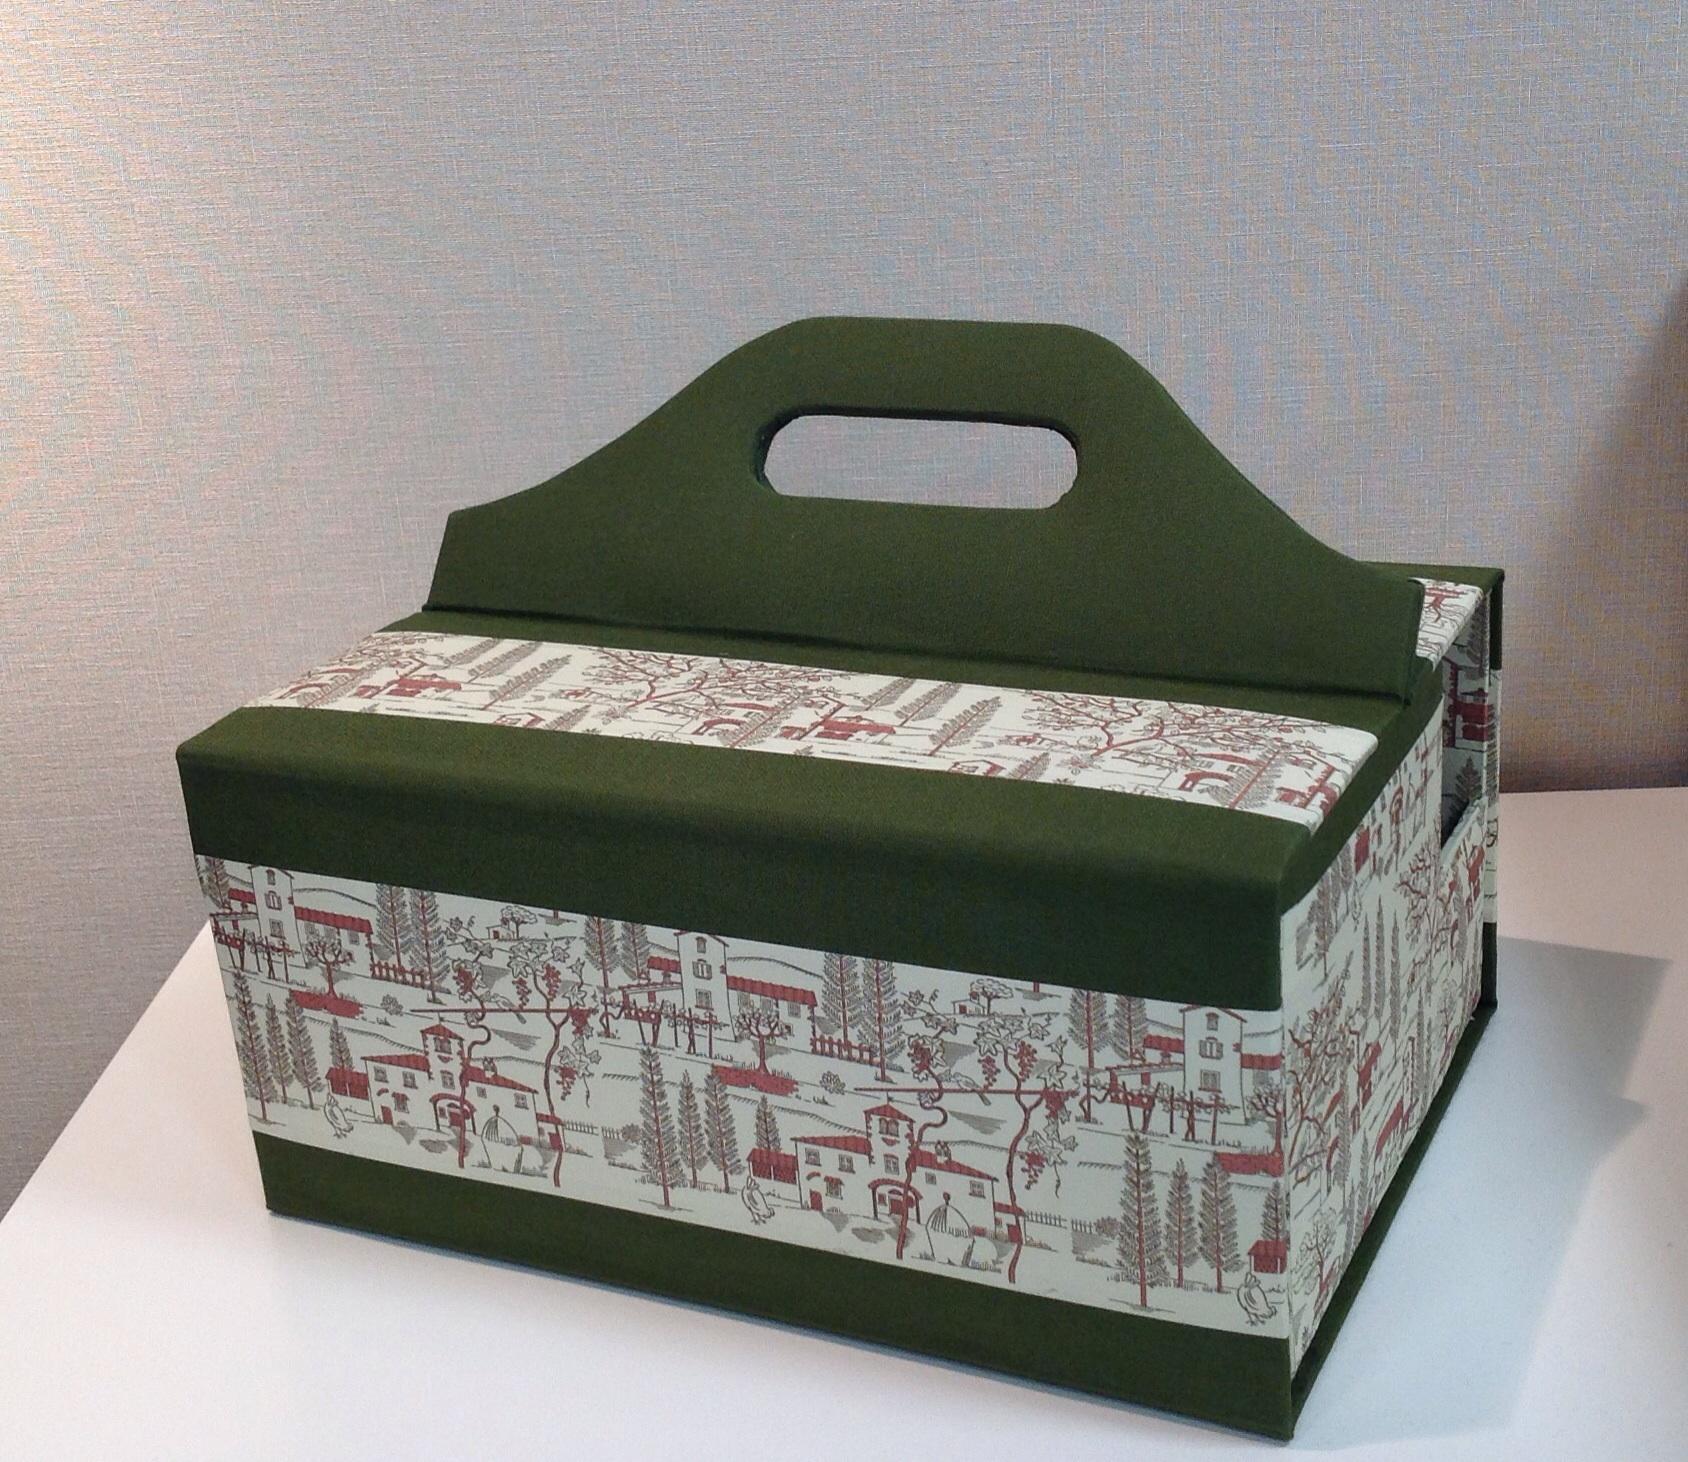 portable sewing box